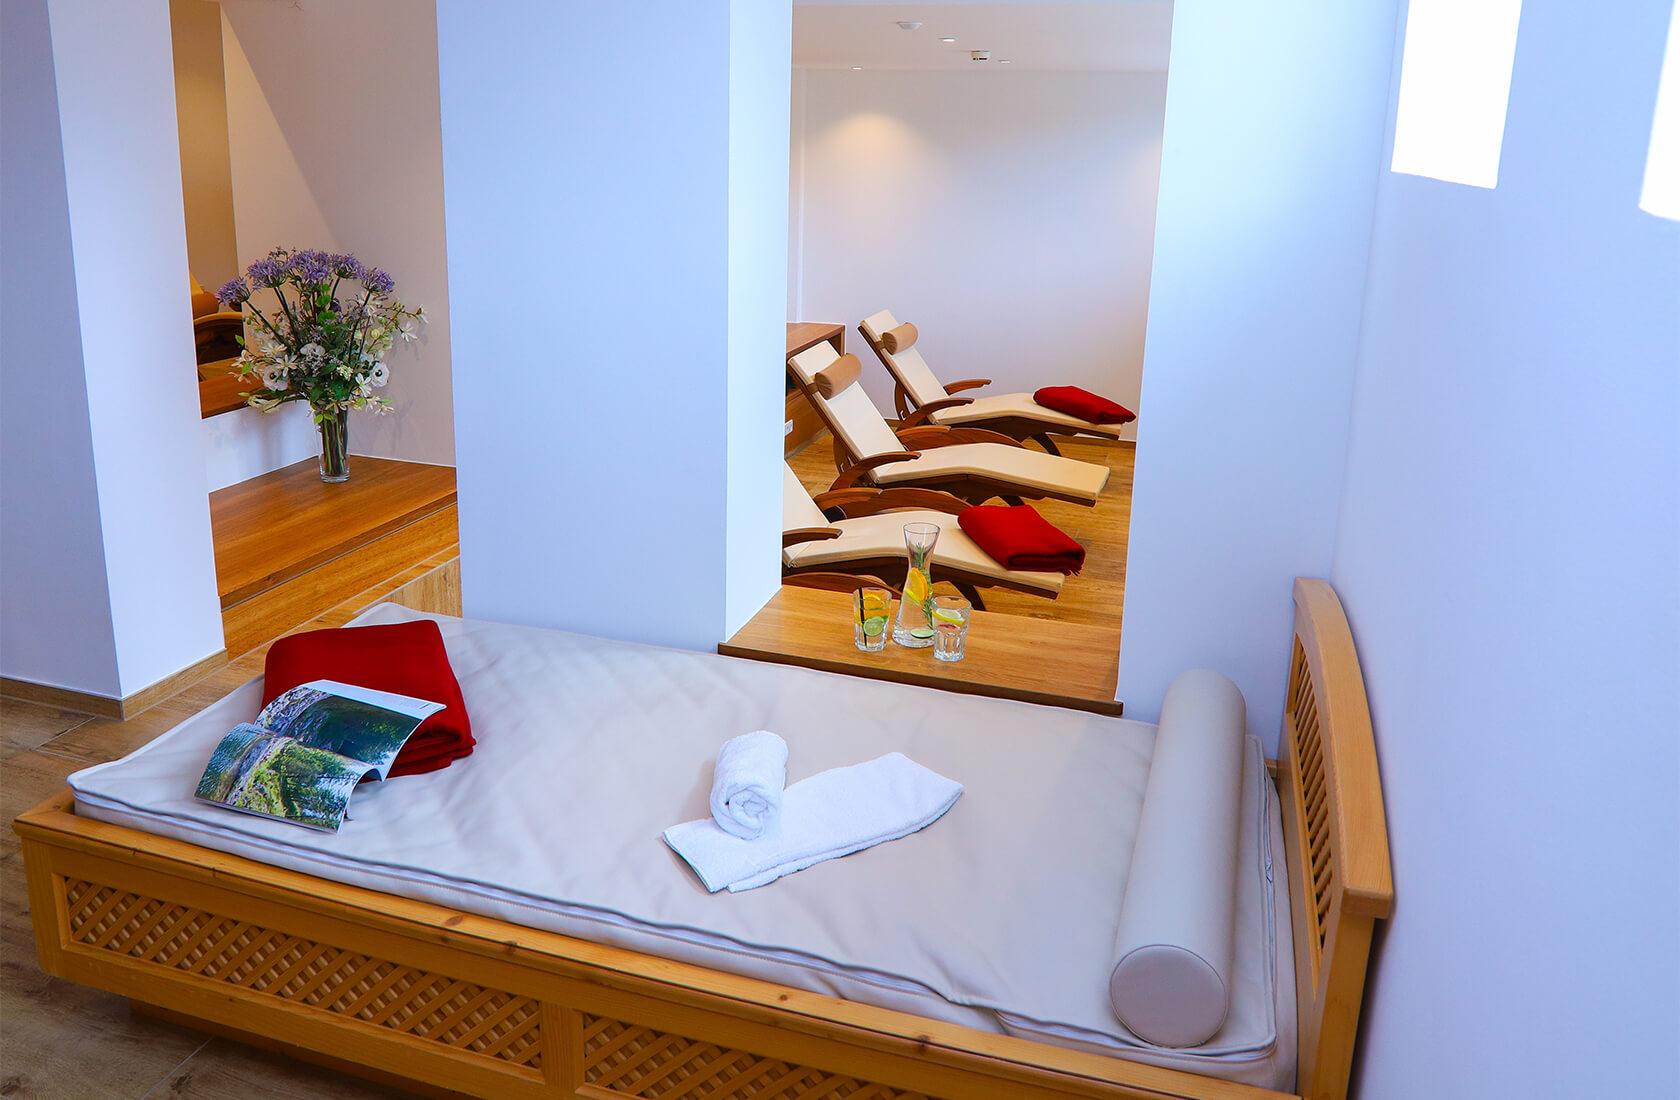 Ruheraum mit Wasserbetten im Hotel Via Salina